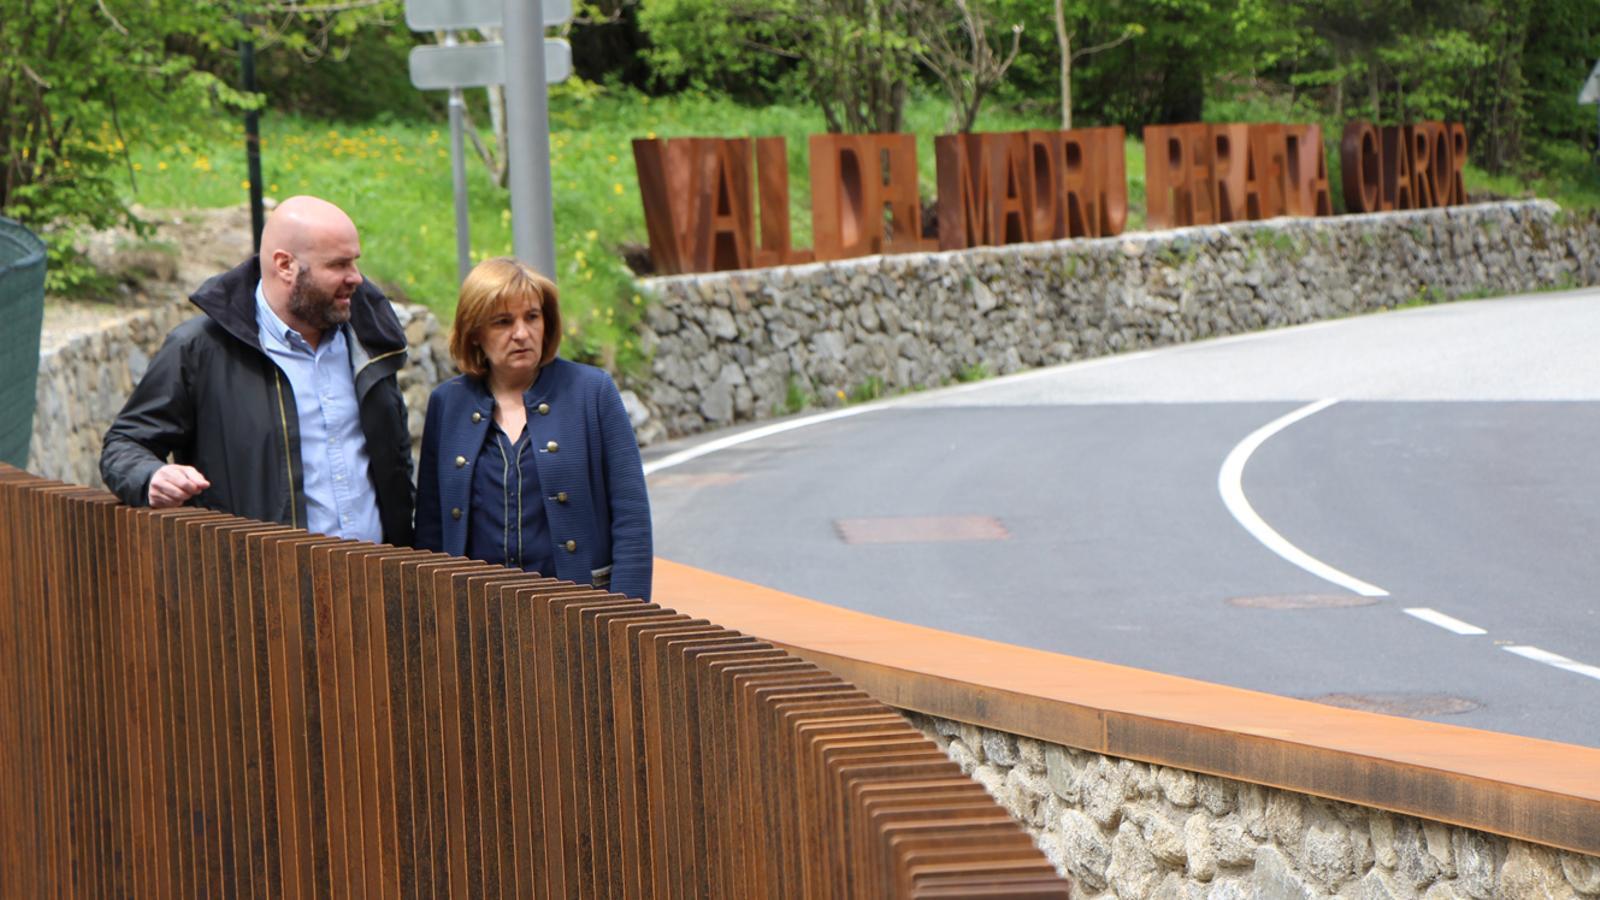 Els cònsols d'Escaldes-Engordany, Trini Marín i Marc Calvet, al nou pont de la Plana, amb les lletres de la Vall del Madriu Perafita Claror al fons. / L. M. (ANA)